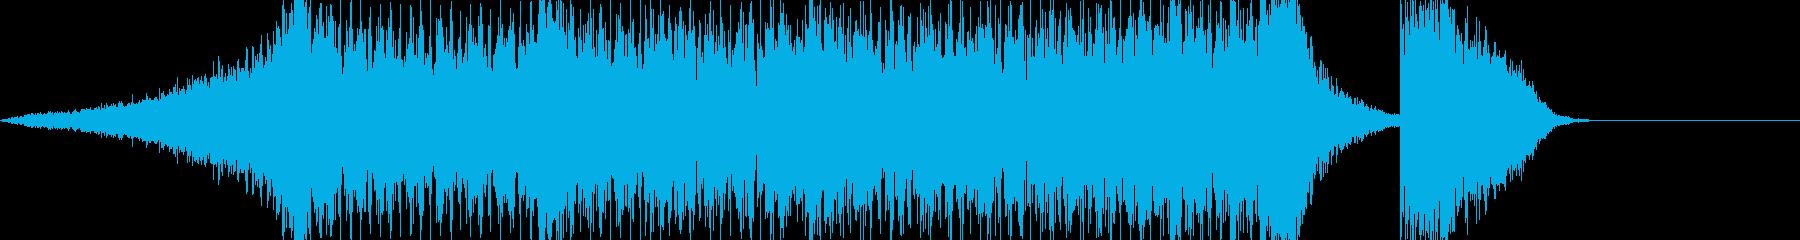 ハリウッド風トレイラー リズム主体04の再生済みの波形